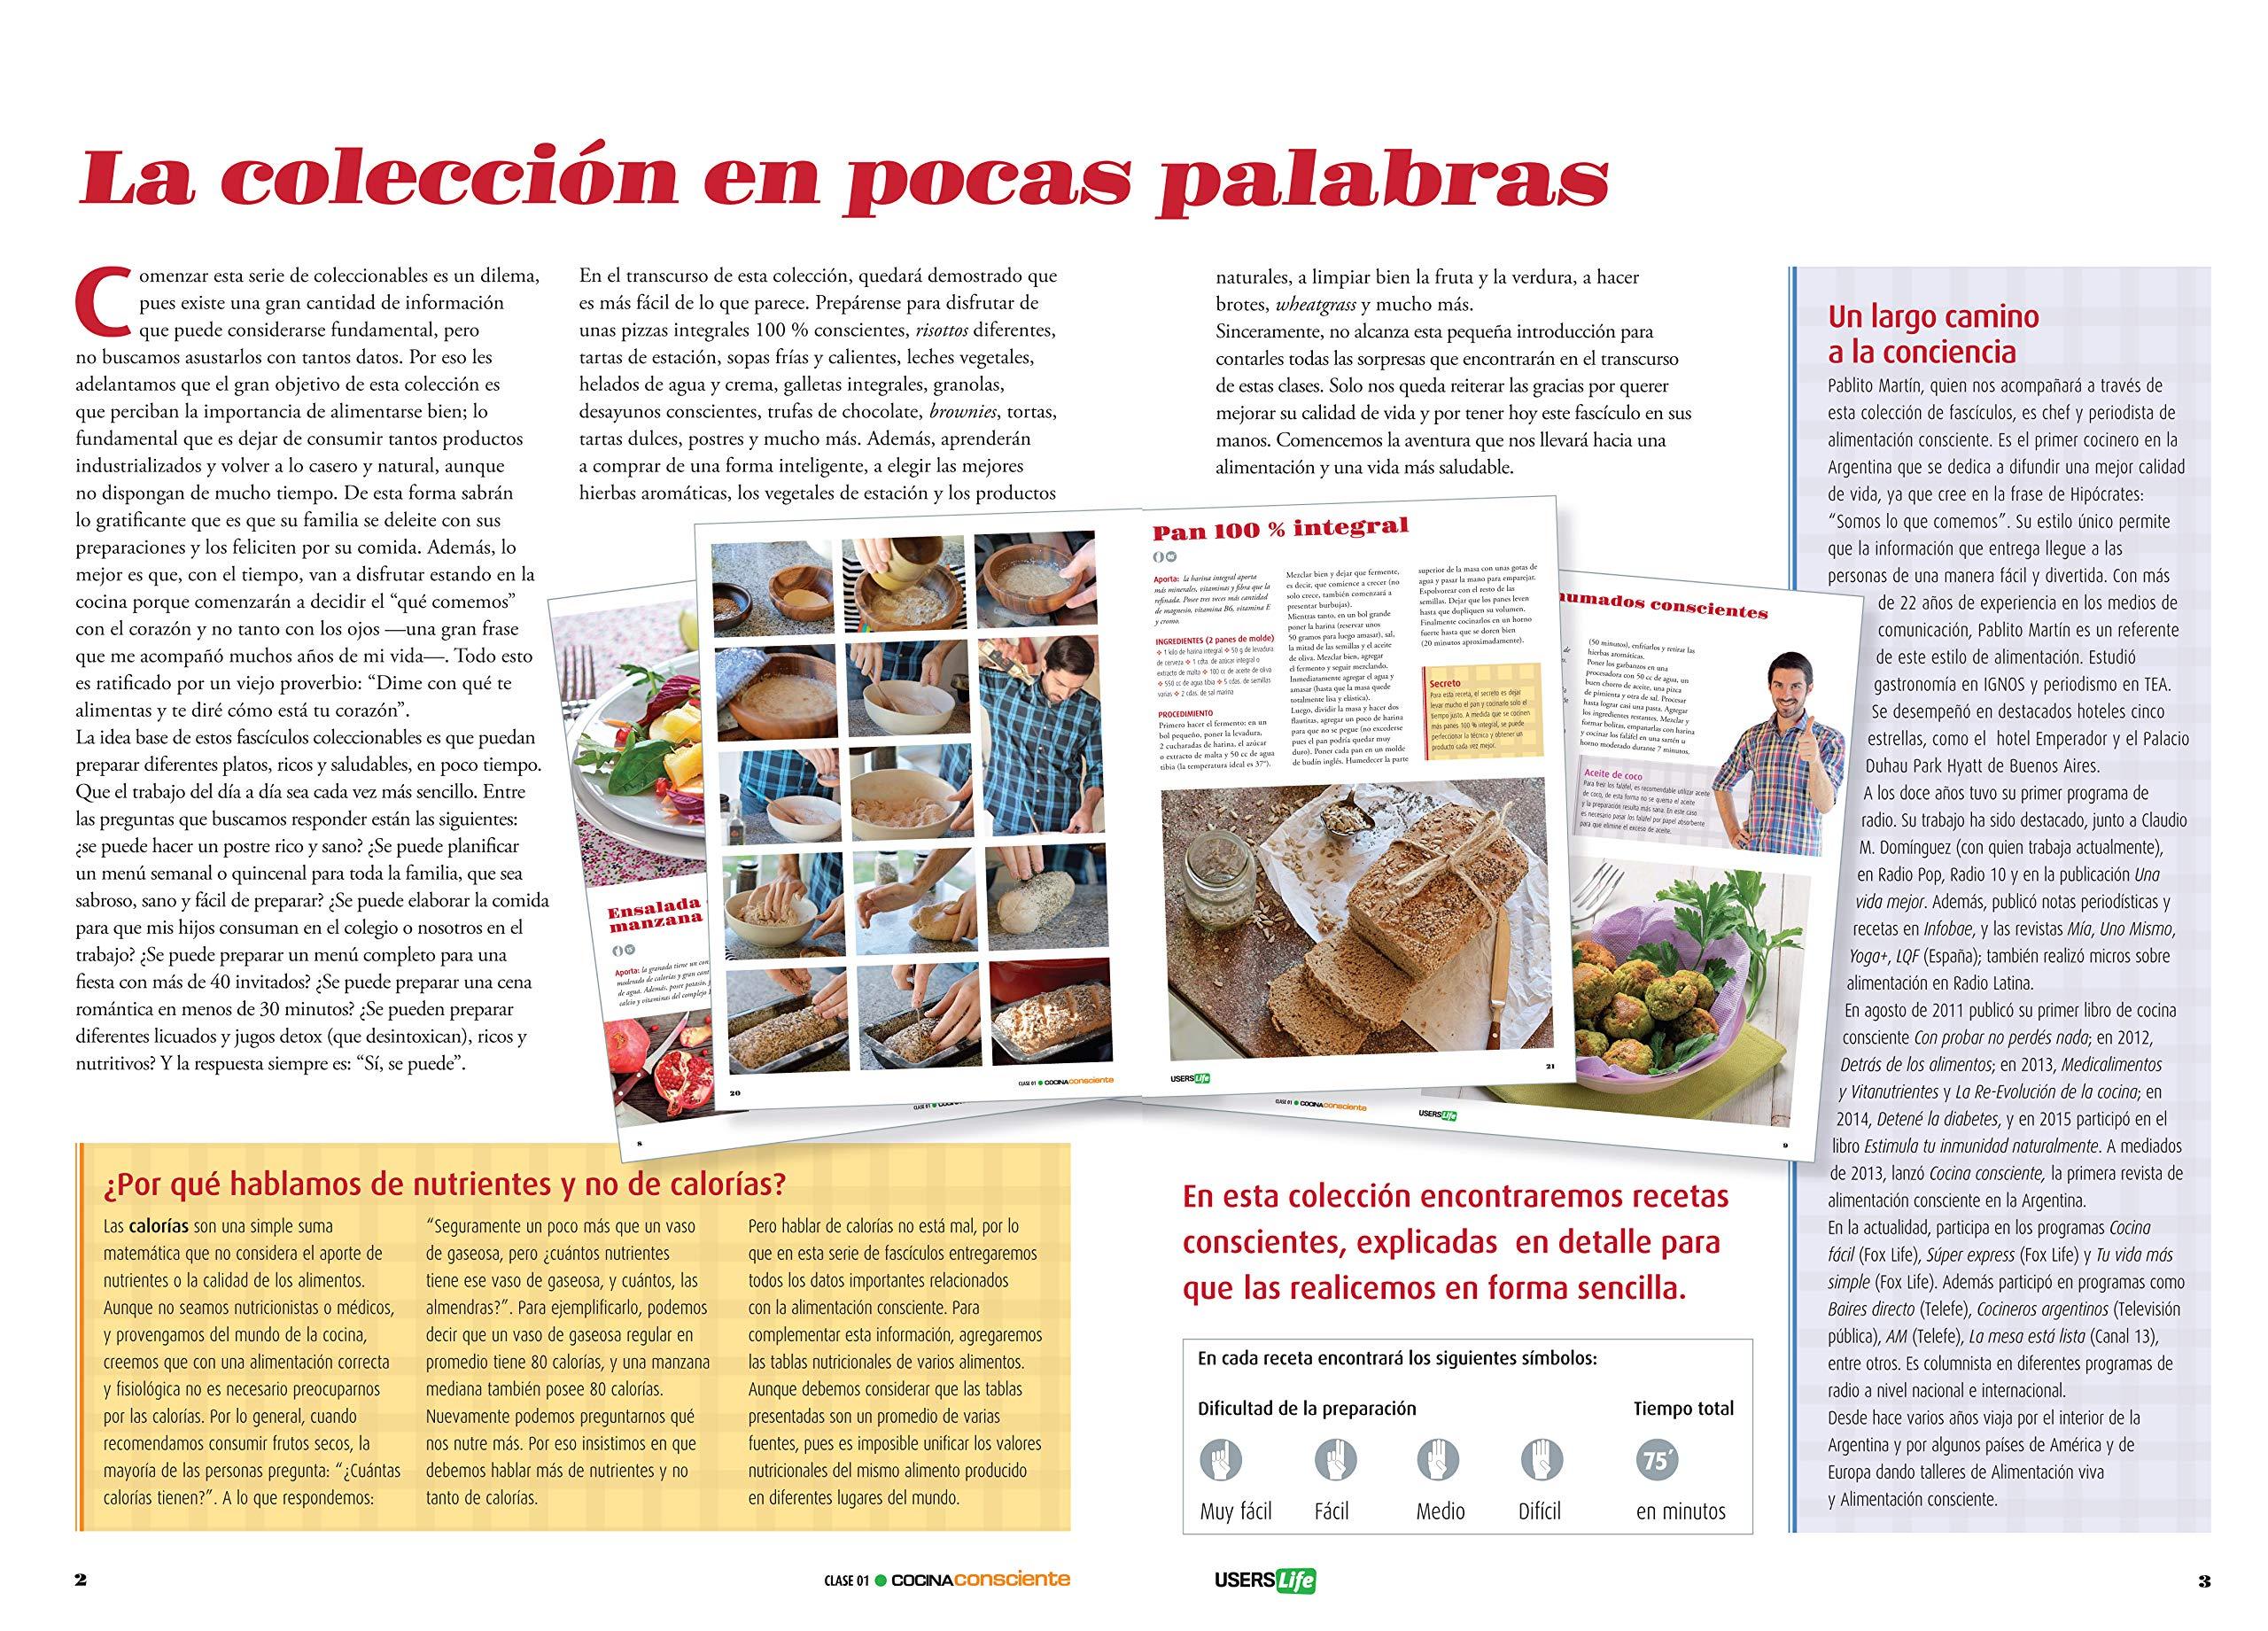 Cocina Consciente - Comer sano, sentirse bien (Spanish Edition): Pablo Martín, USERSLife: 9772424517815: Amazon.com: Books